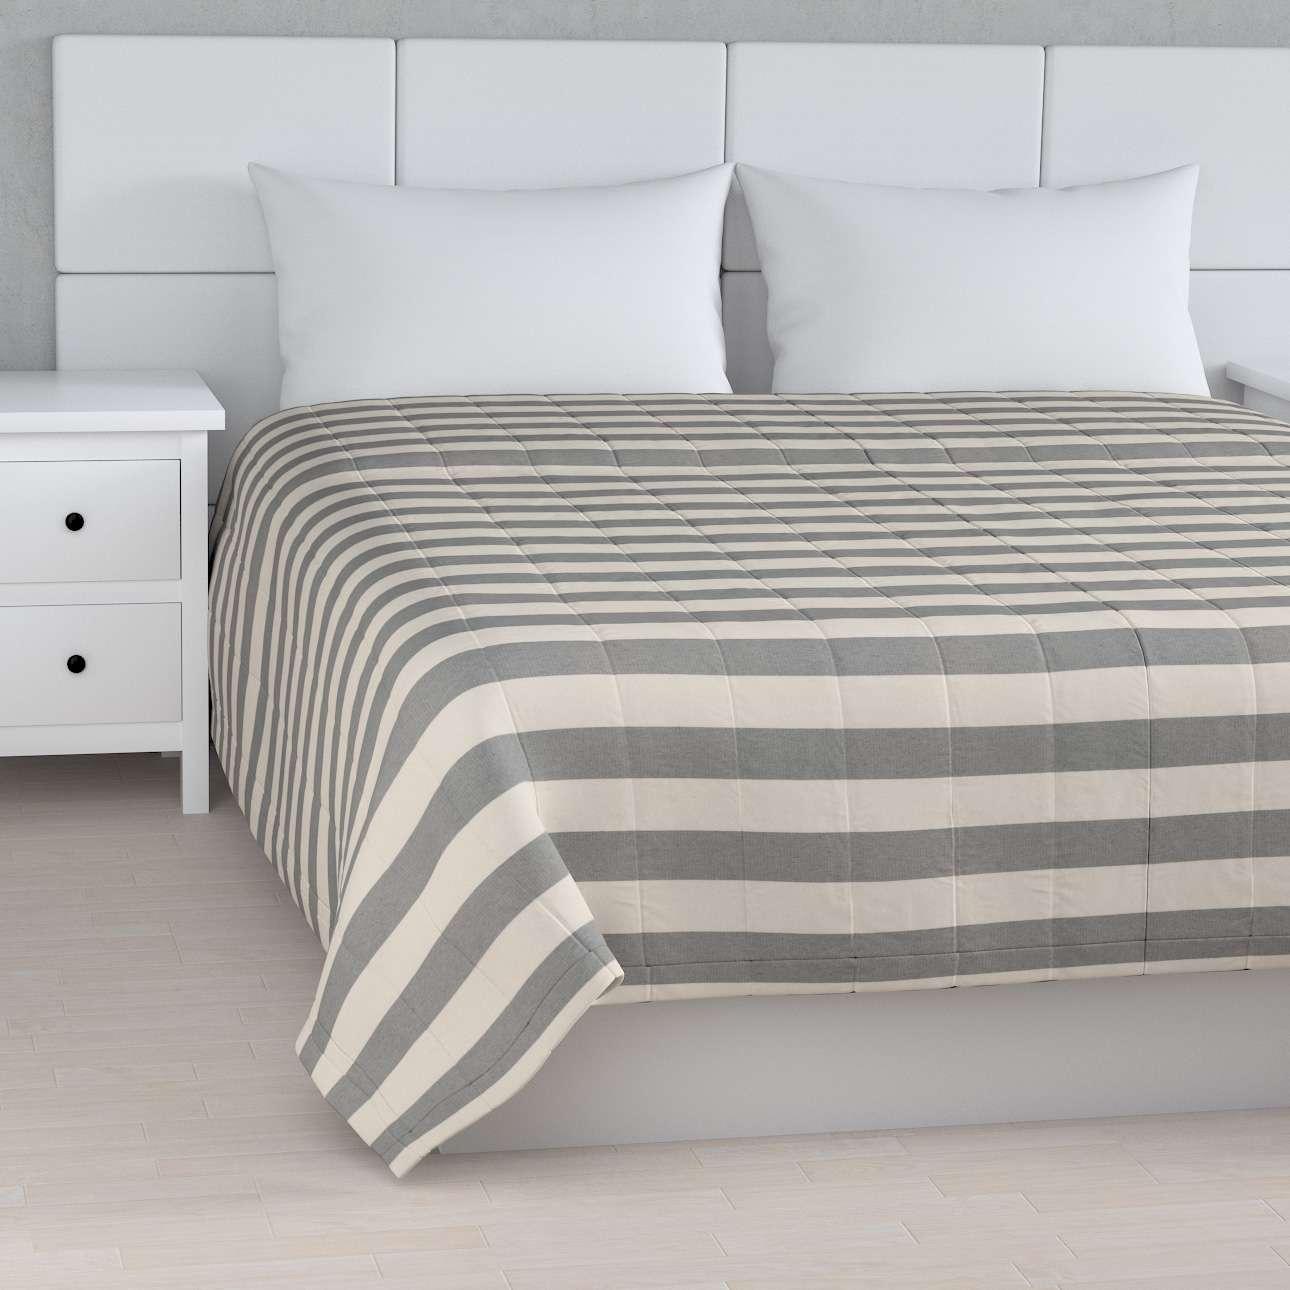 Prehoz  s pozdĺžným prešívaním V kolekcii Quadro, tkanina: 142-71